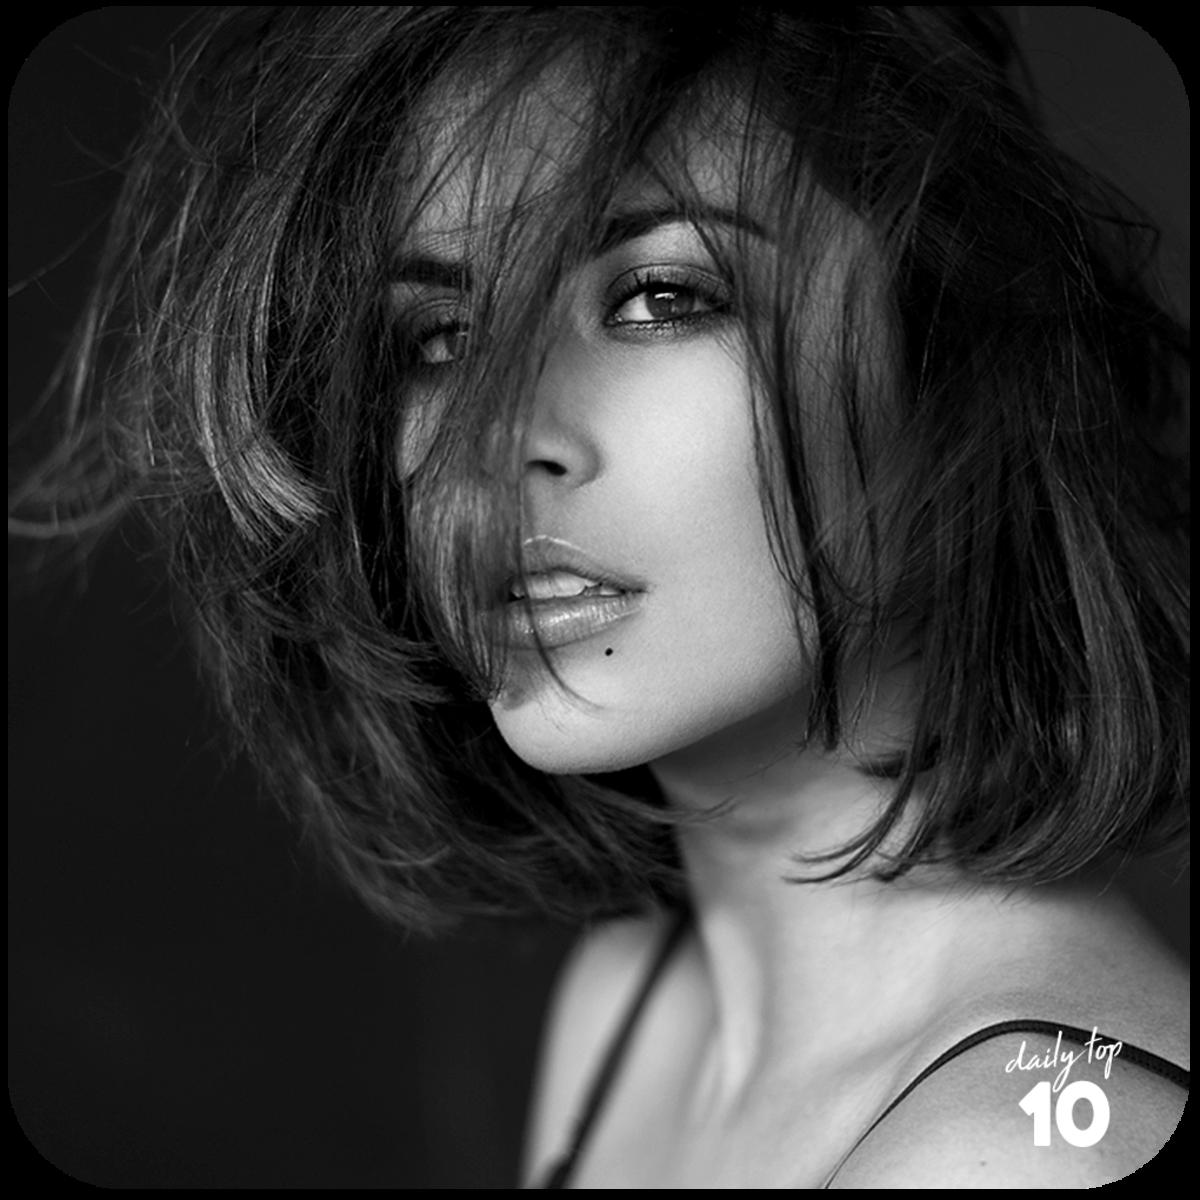 Eleni Zoe black and white photo shoot.